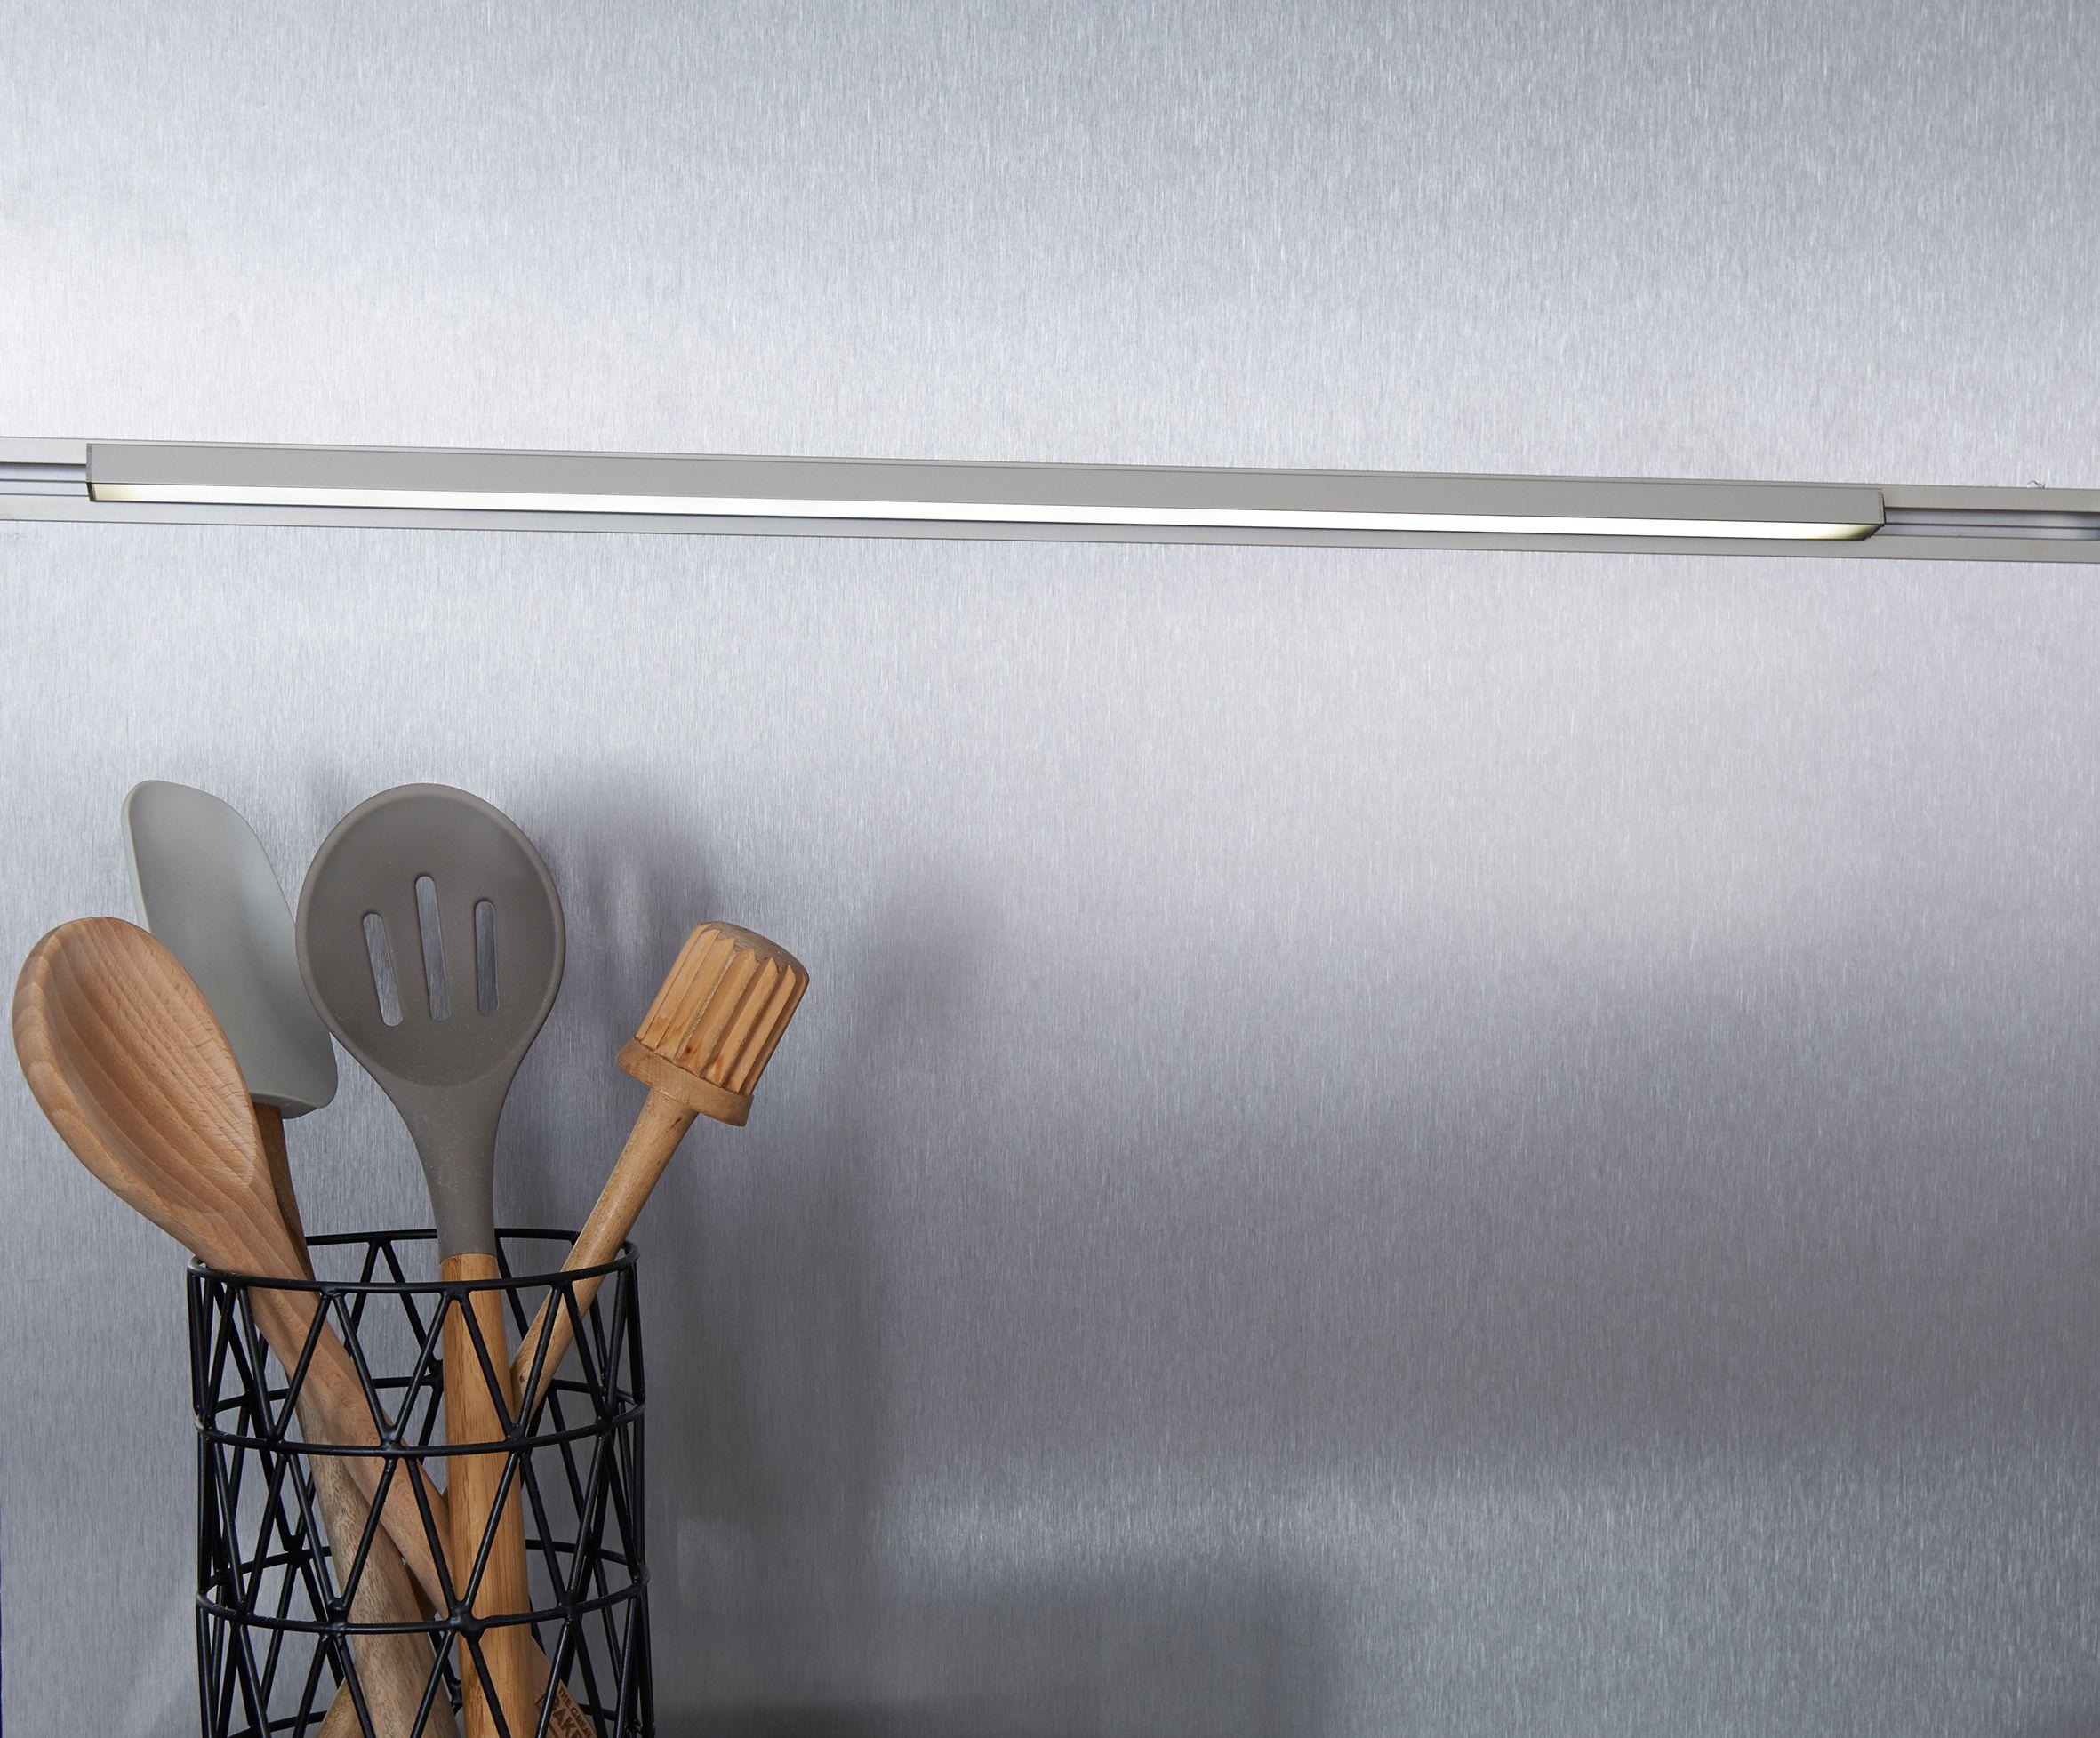 Ewe Küchen ~ Funktionsrückwand system von ewe küchen mit led lichtprofil